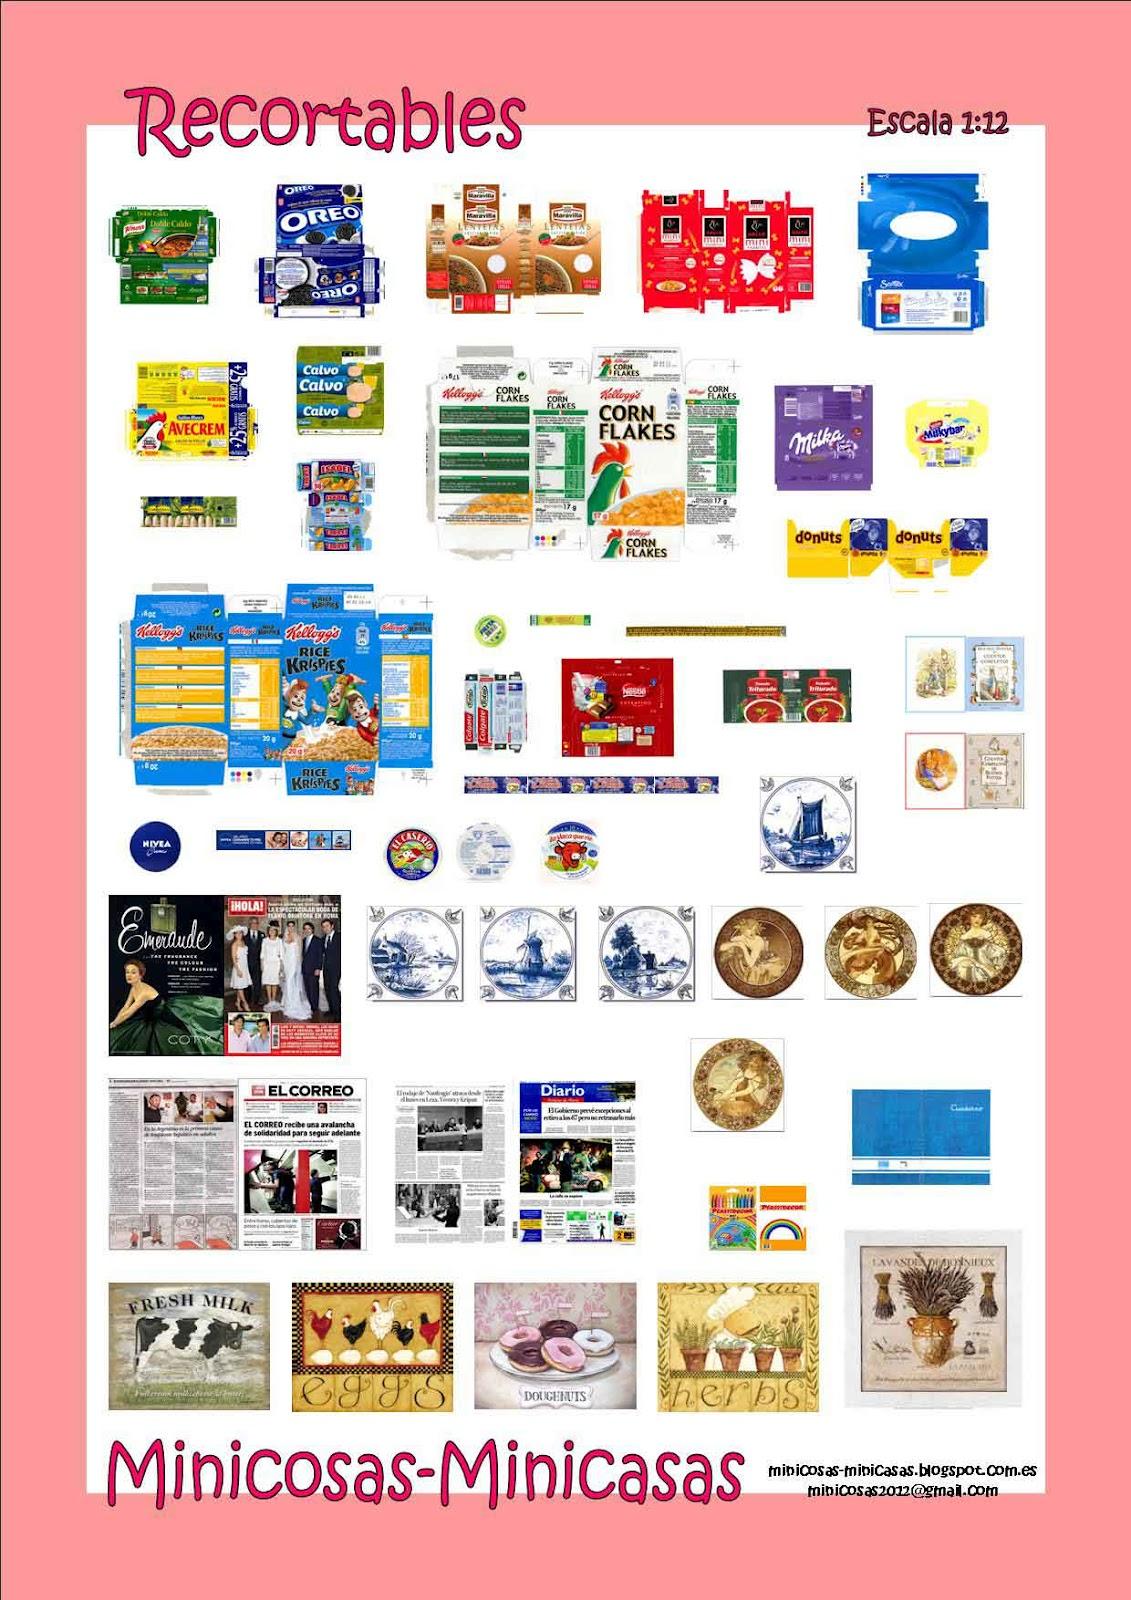 Minicosas minicasas imprimibles - Accesorios para supermercados ...